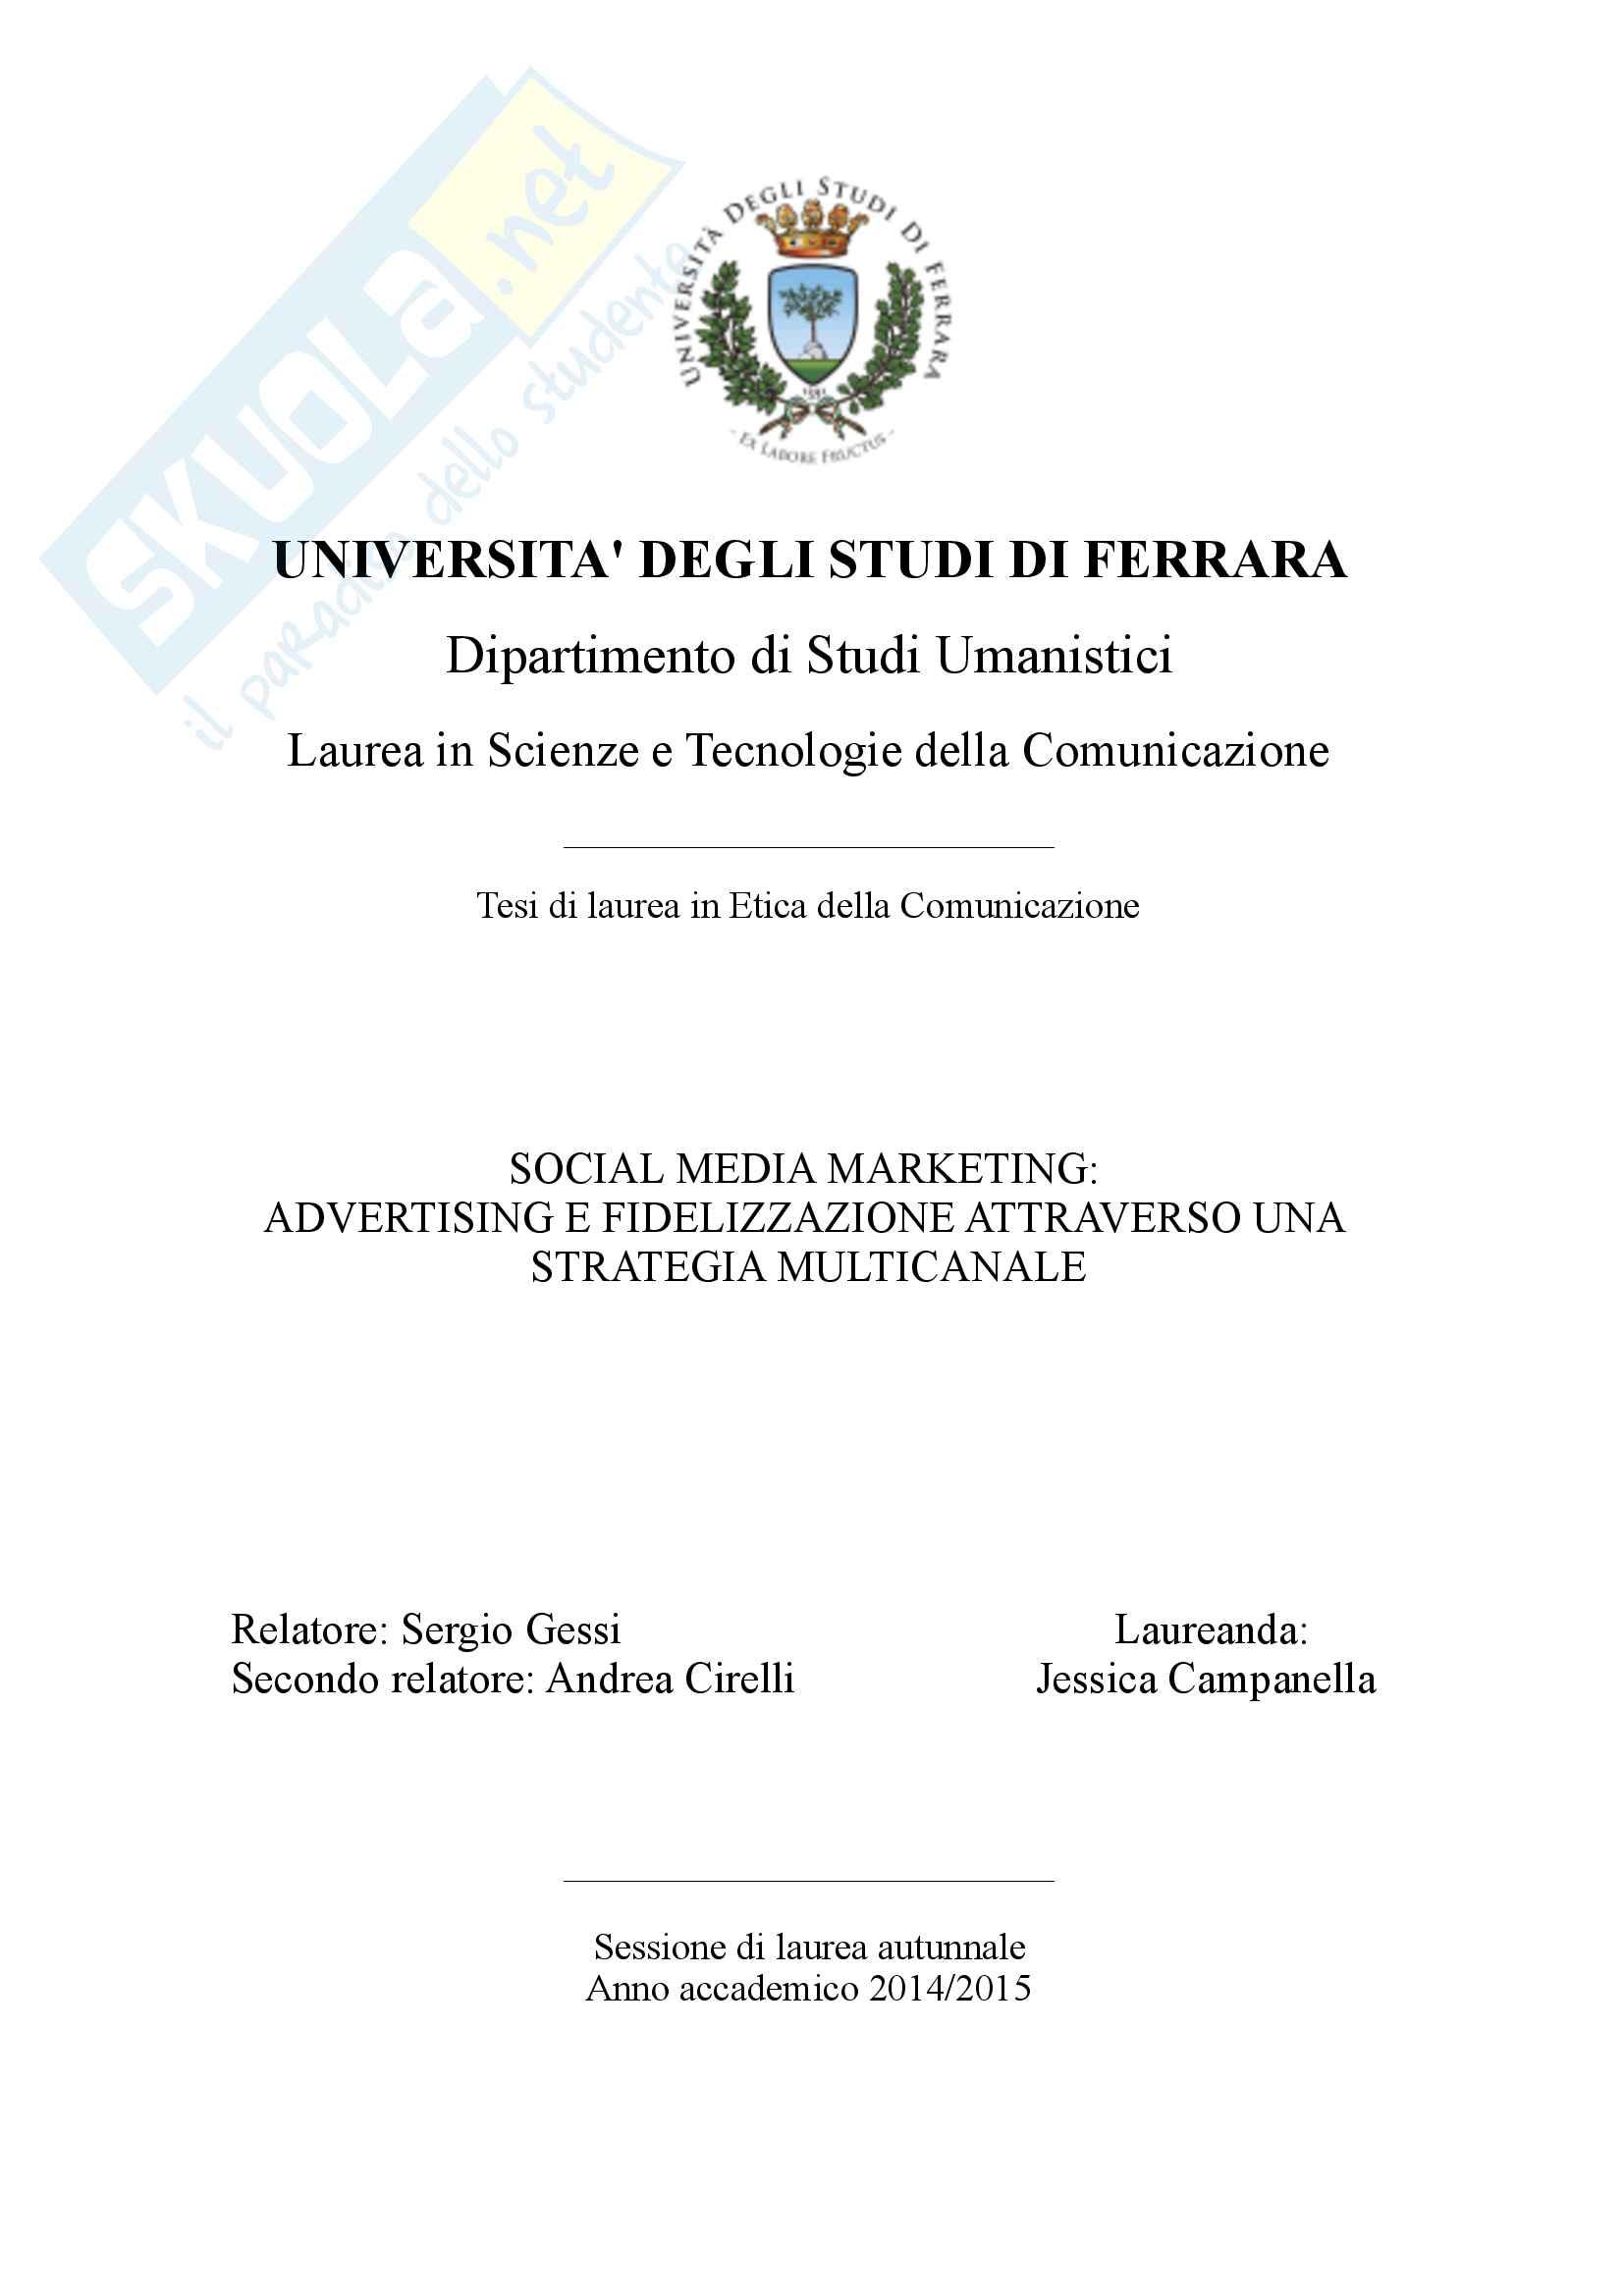 Social media marketing: advertising e fidelizzazione attraverso una strategia multicanale